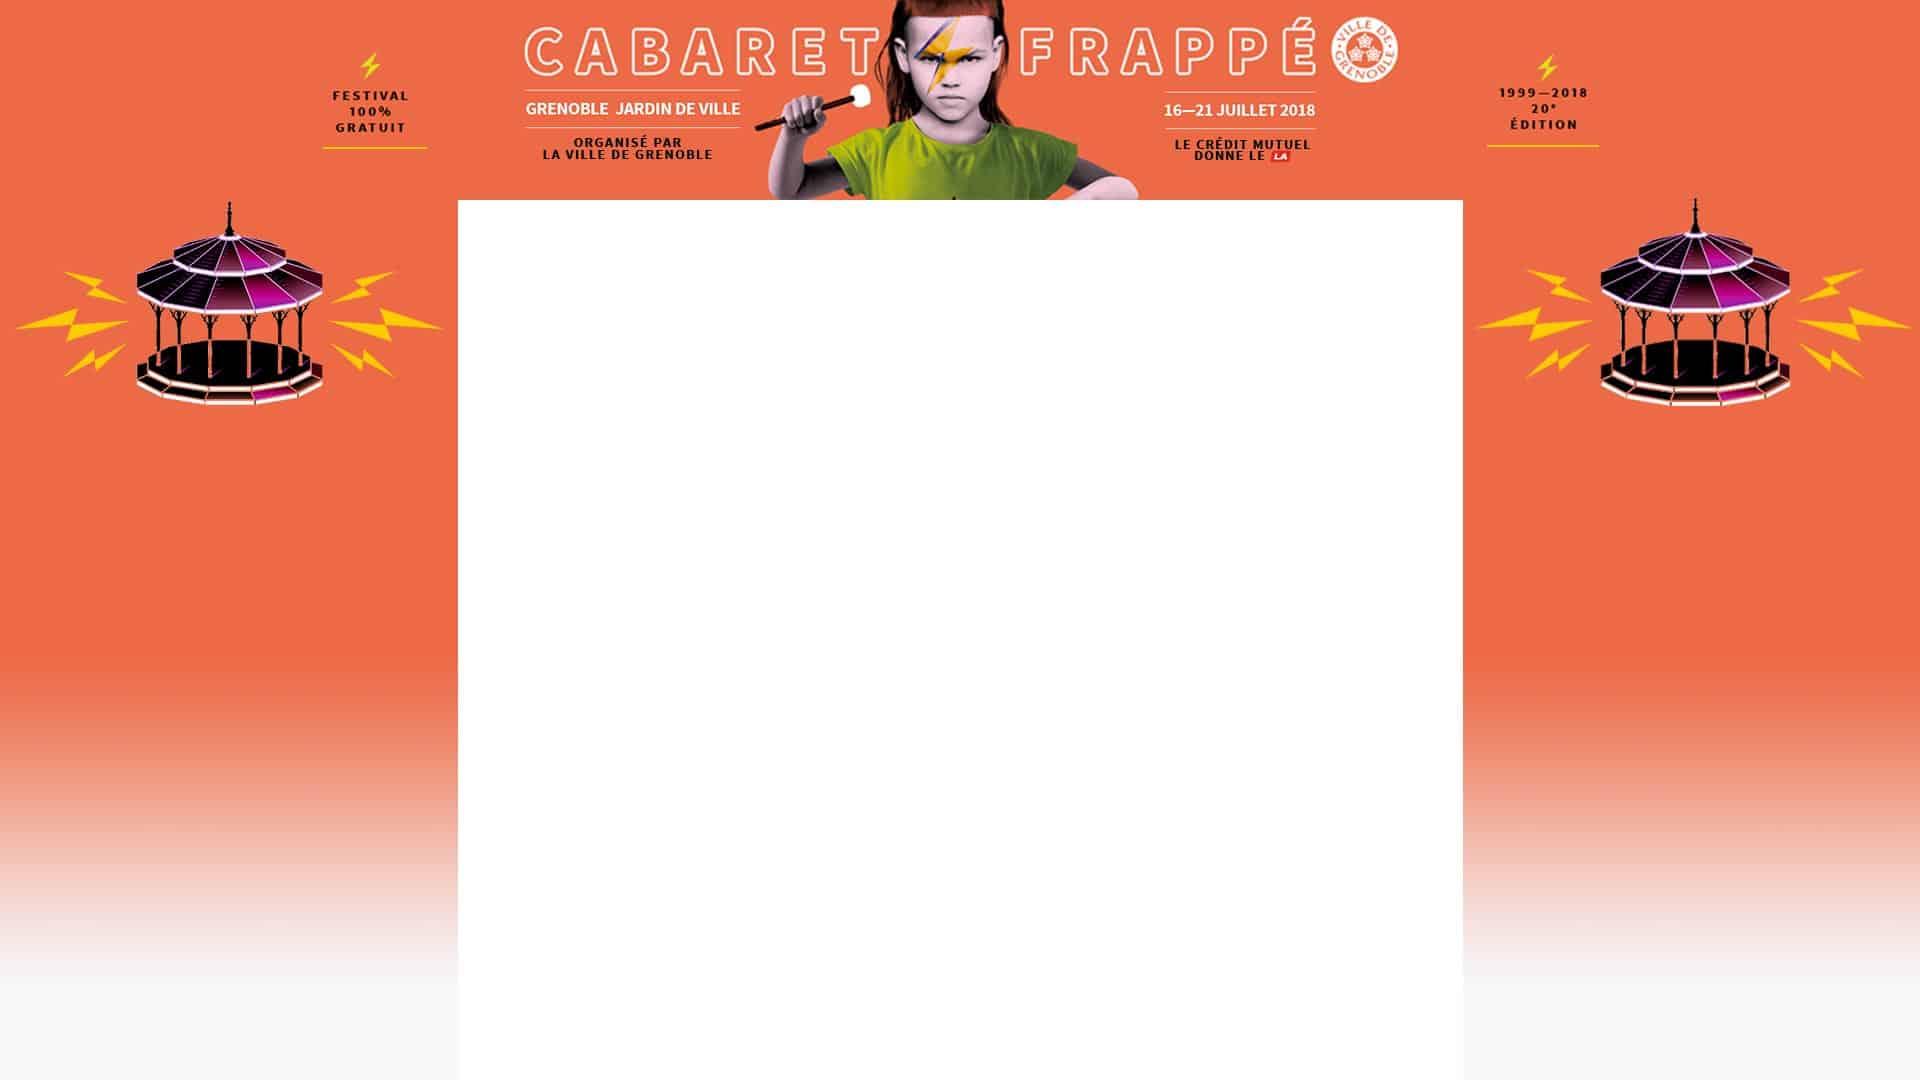 Festival Cabaret frappé du 16 au 21 juillet 2018 au Jardin de Ville de Grenoble